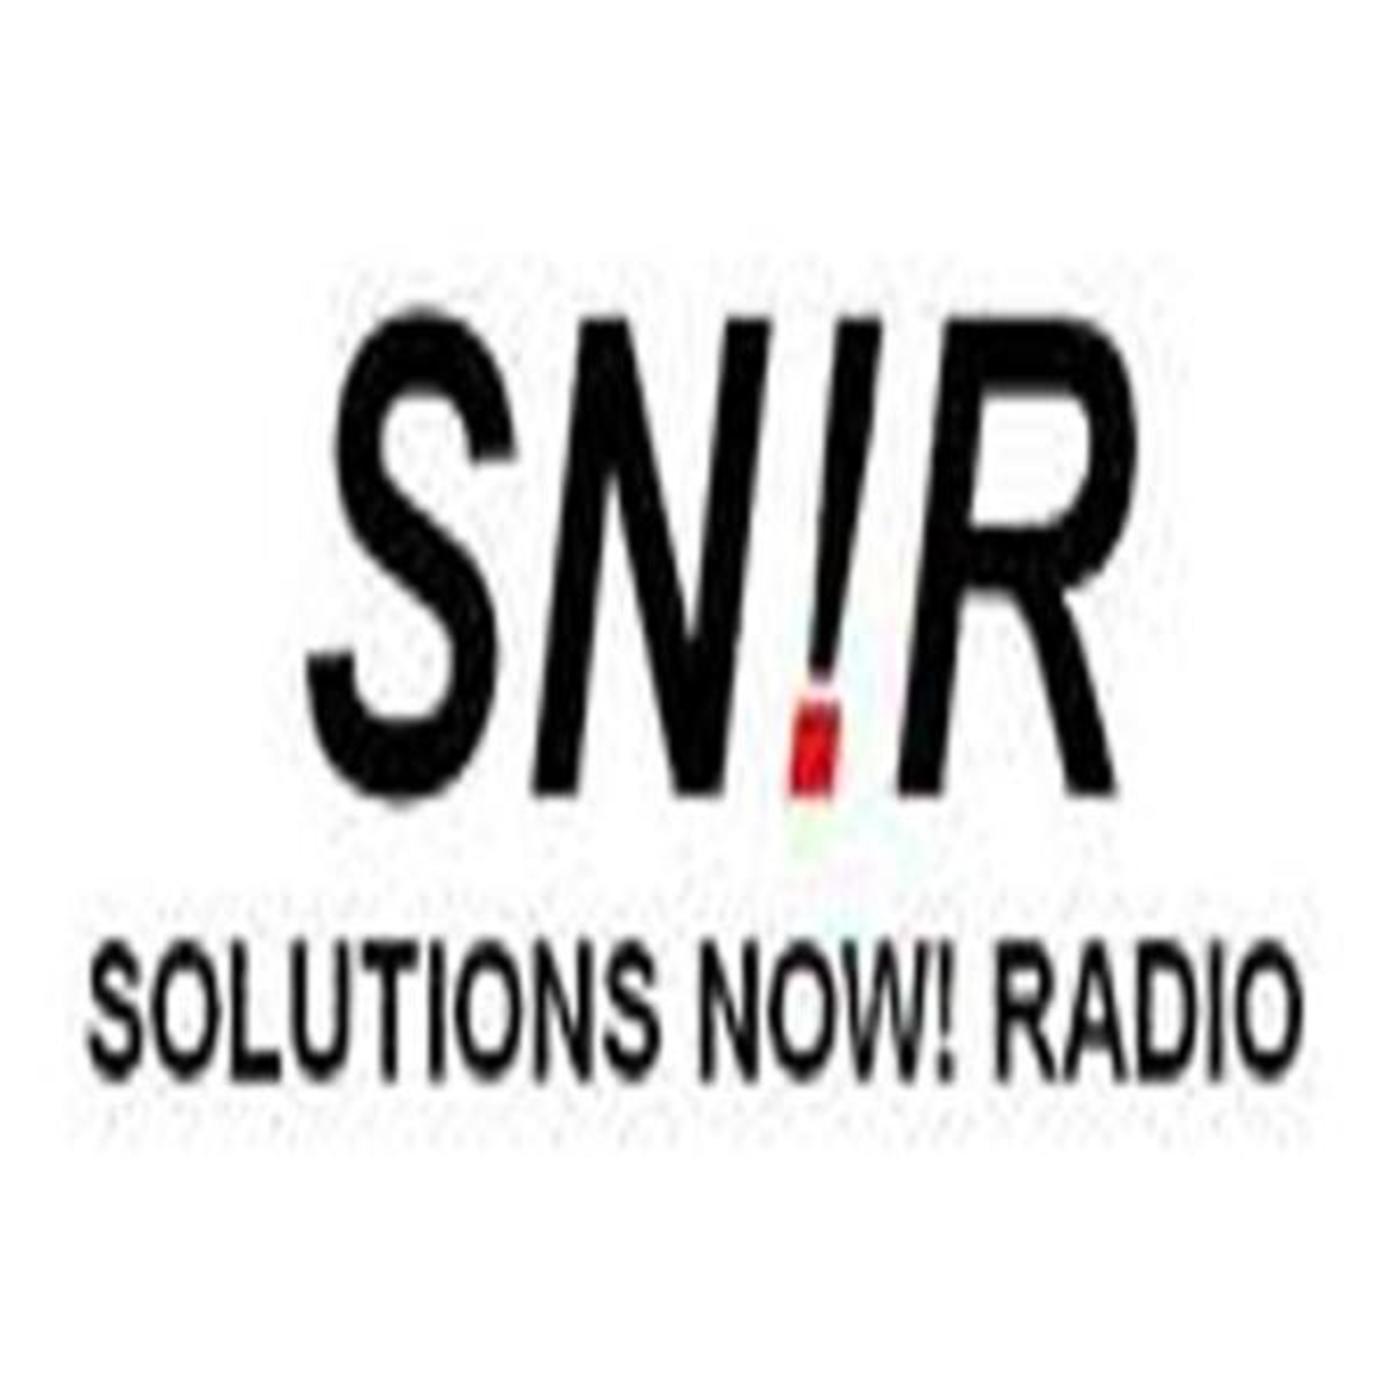 Solutions Now! Radio